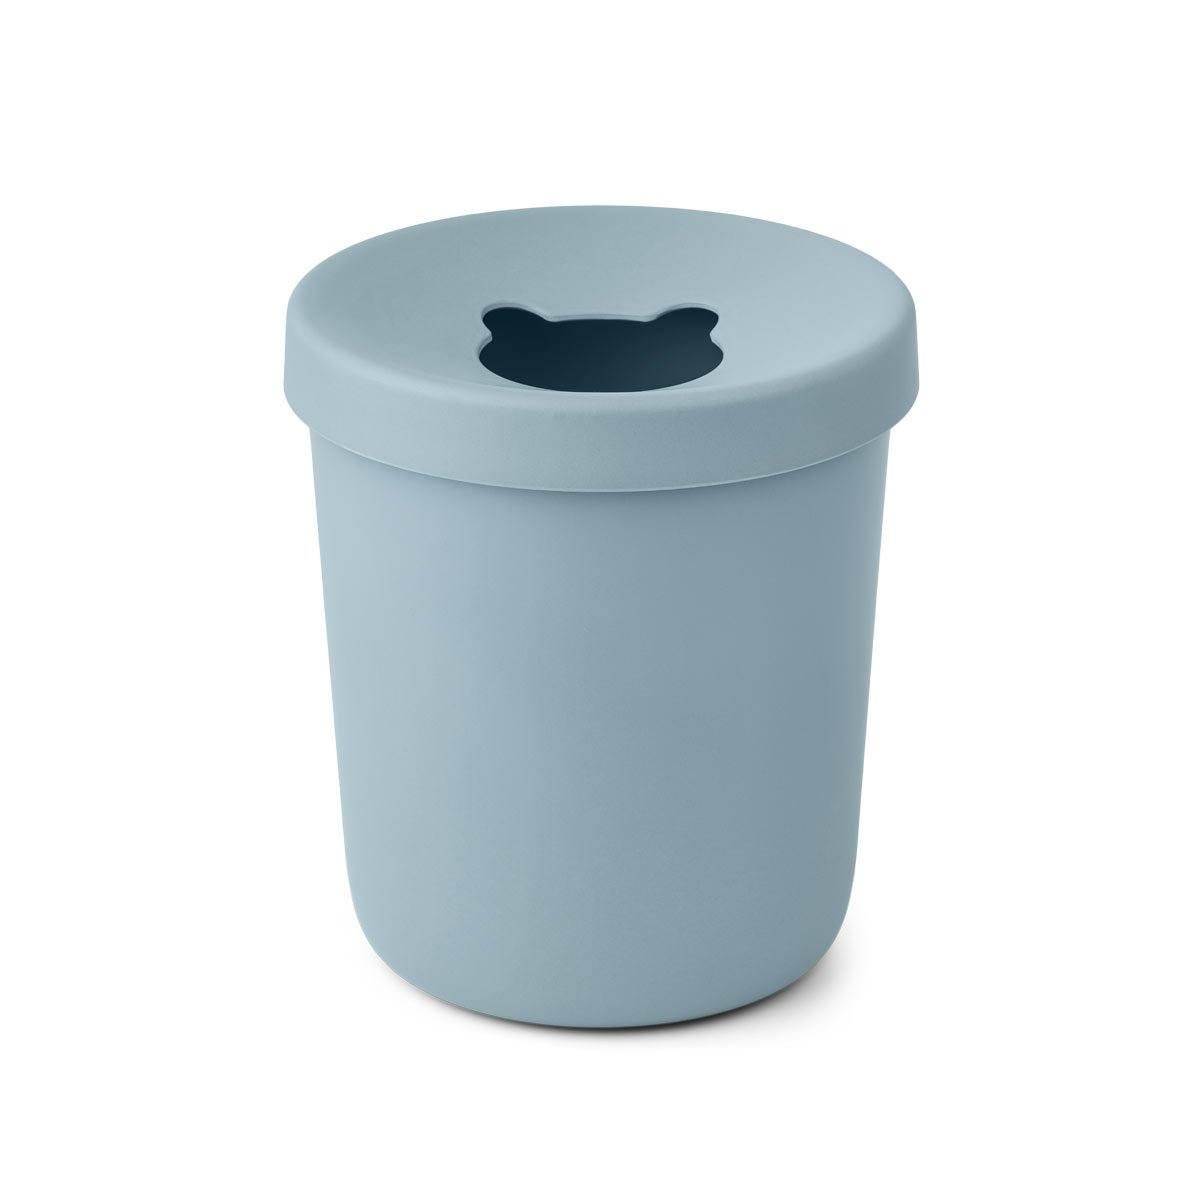 LIEWOOD Dětský odpadkový koš Evelina Sea Blue 5 l, modrá barva, melamin